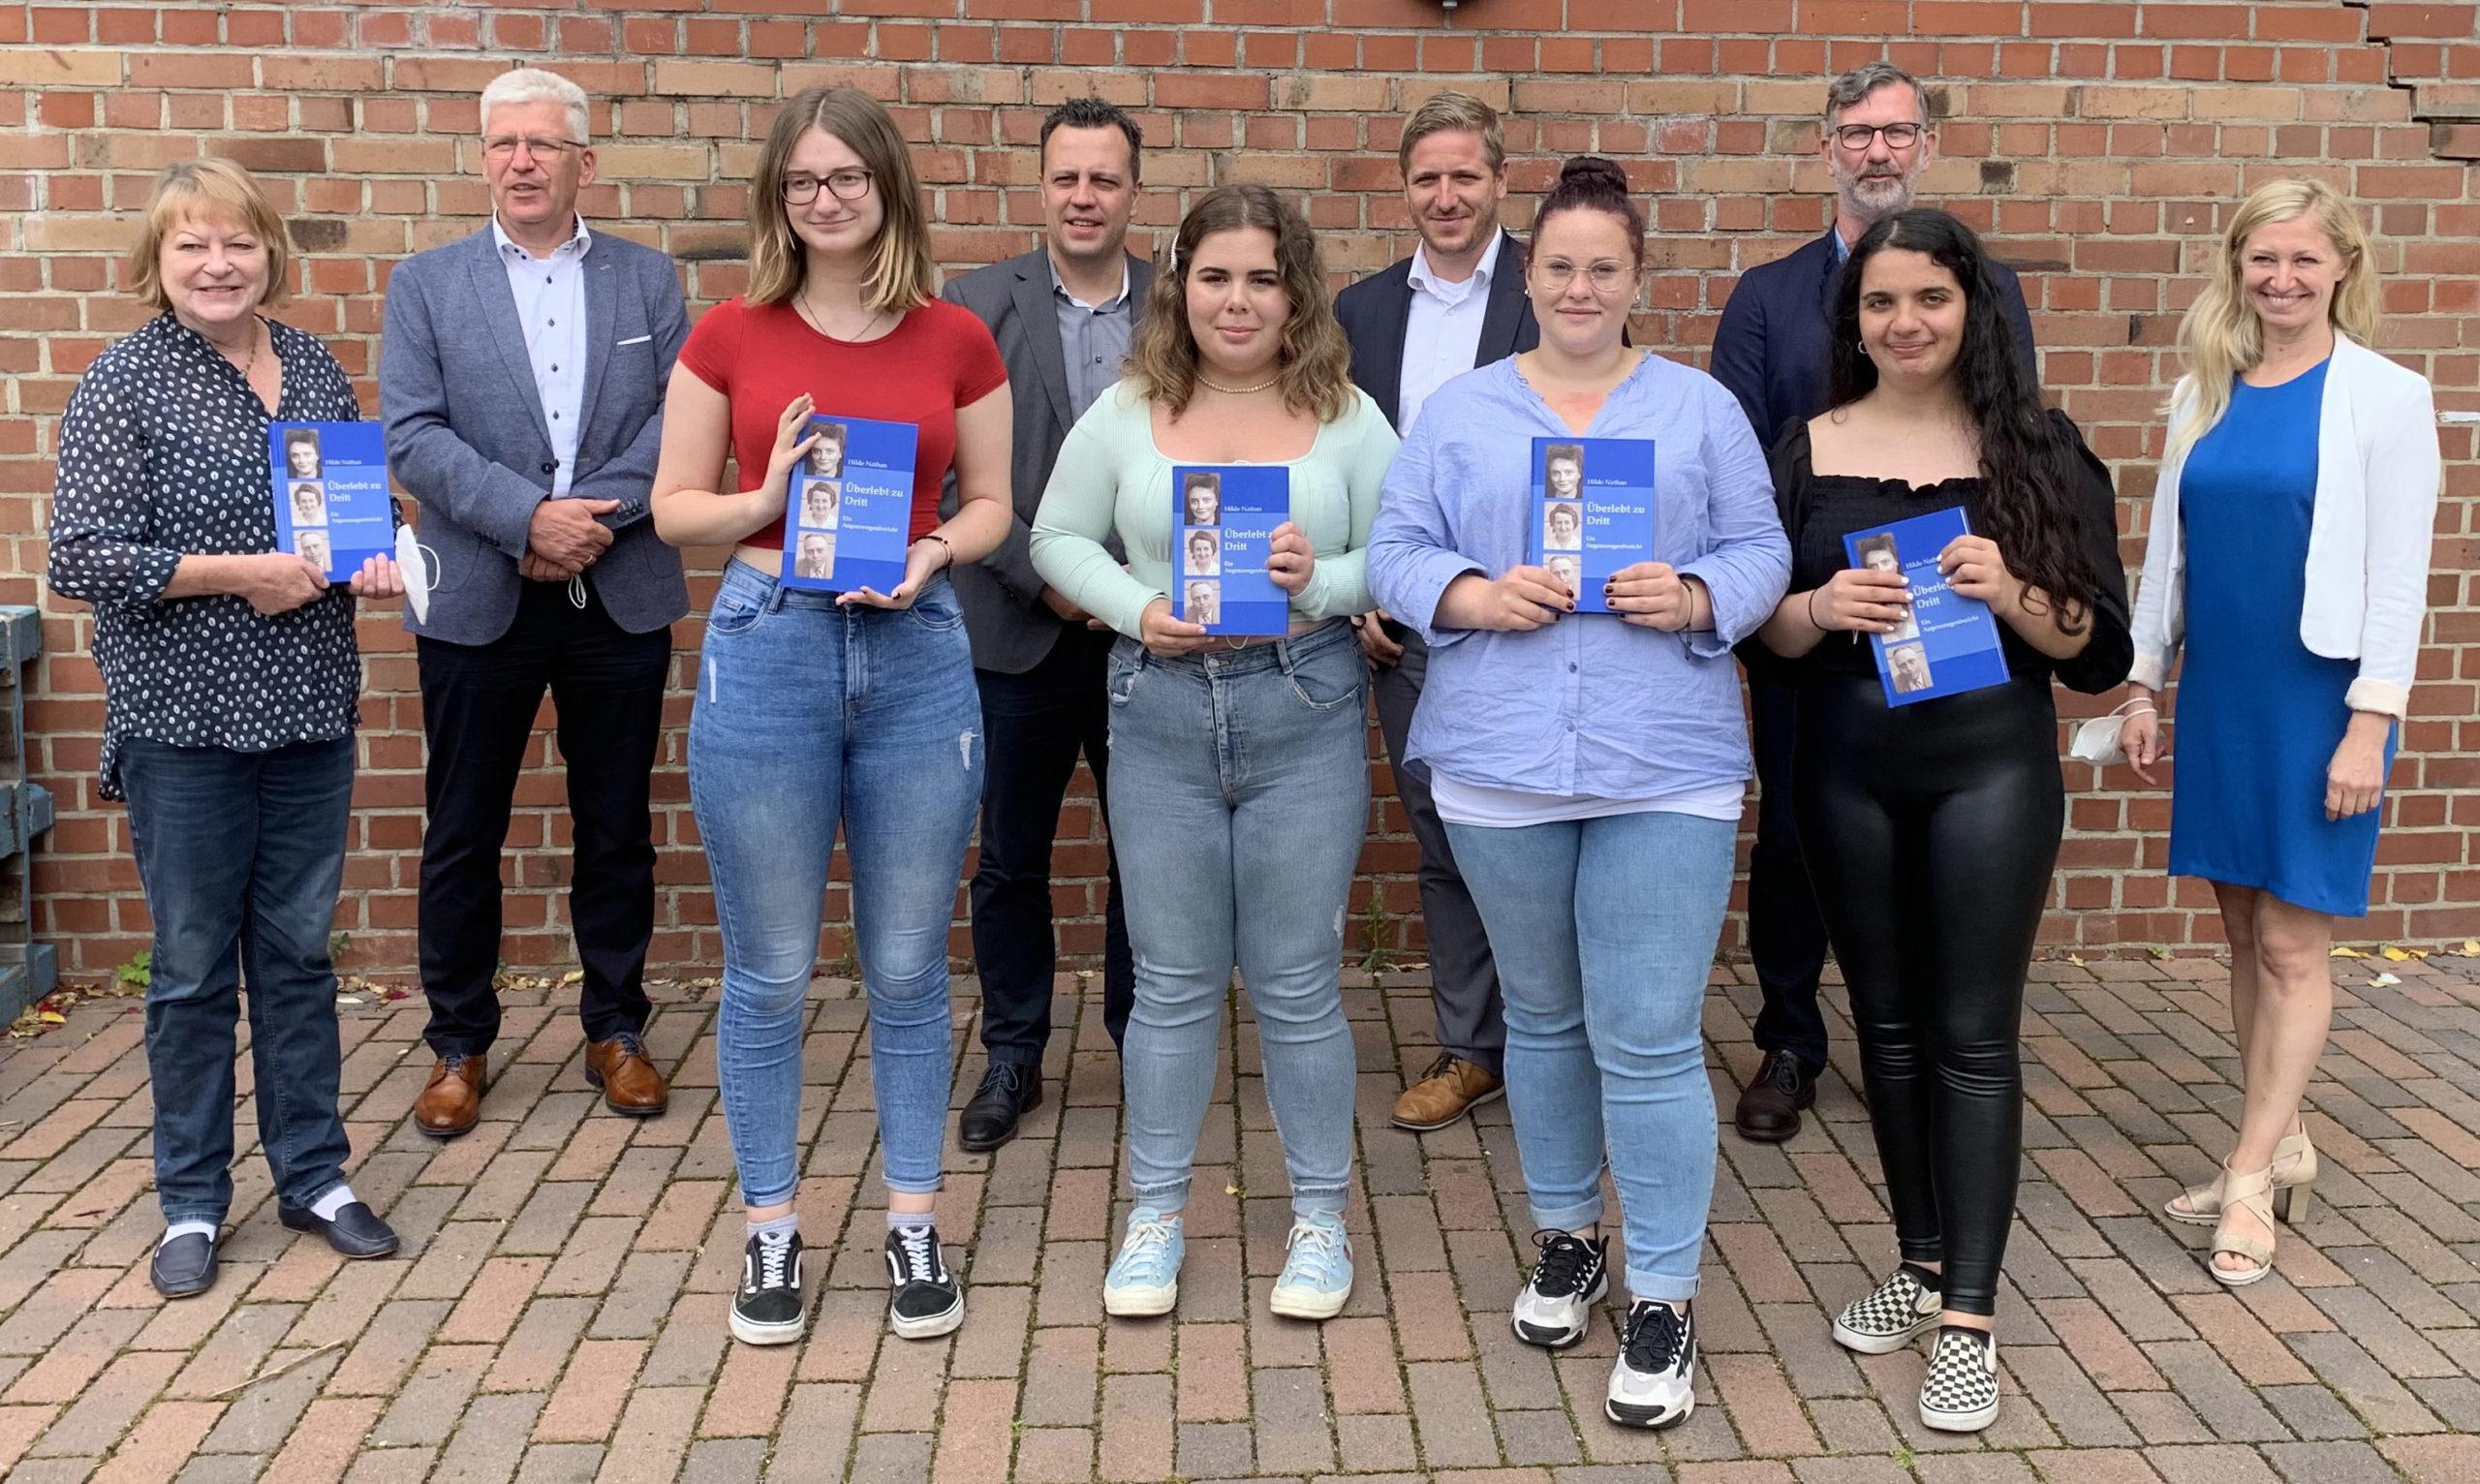 In der Gesamtschule Euskirchen stellte der Geschichtsverein des Kreises Euskirchen das neue Buch zur Holocaust-Überlebenden Hilde Nathan vor. Mit dabei waren auch vier Schülerinnen des Projektkurses.